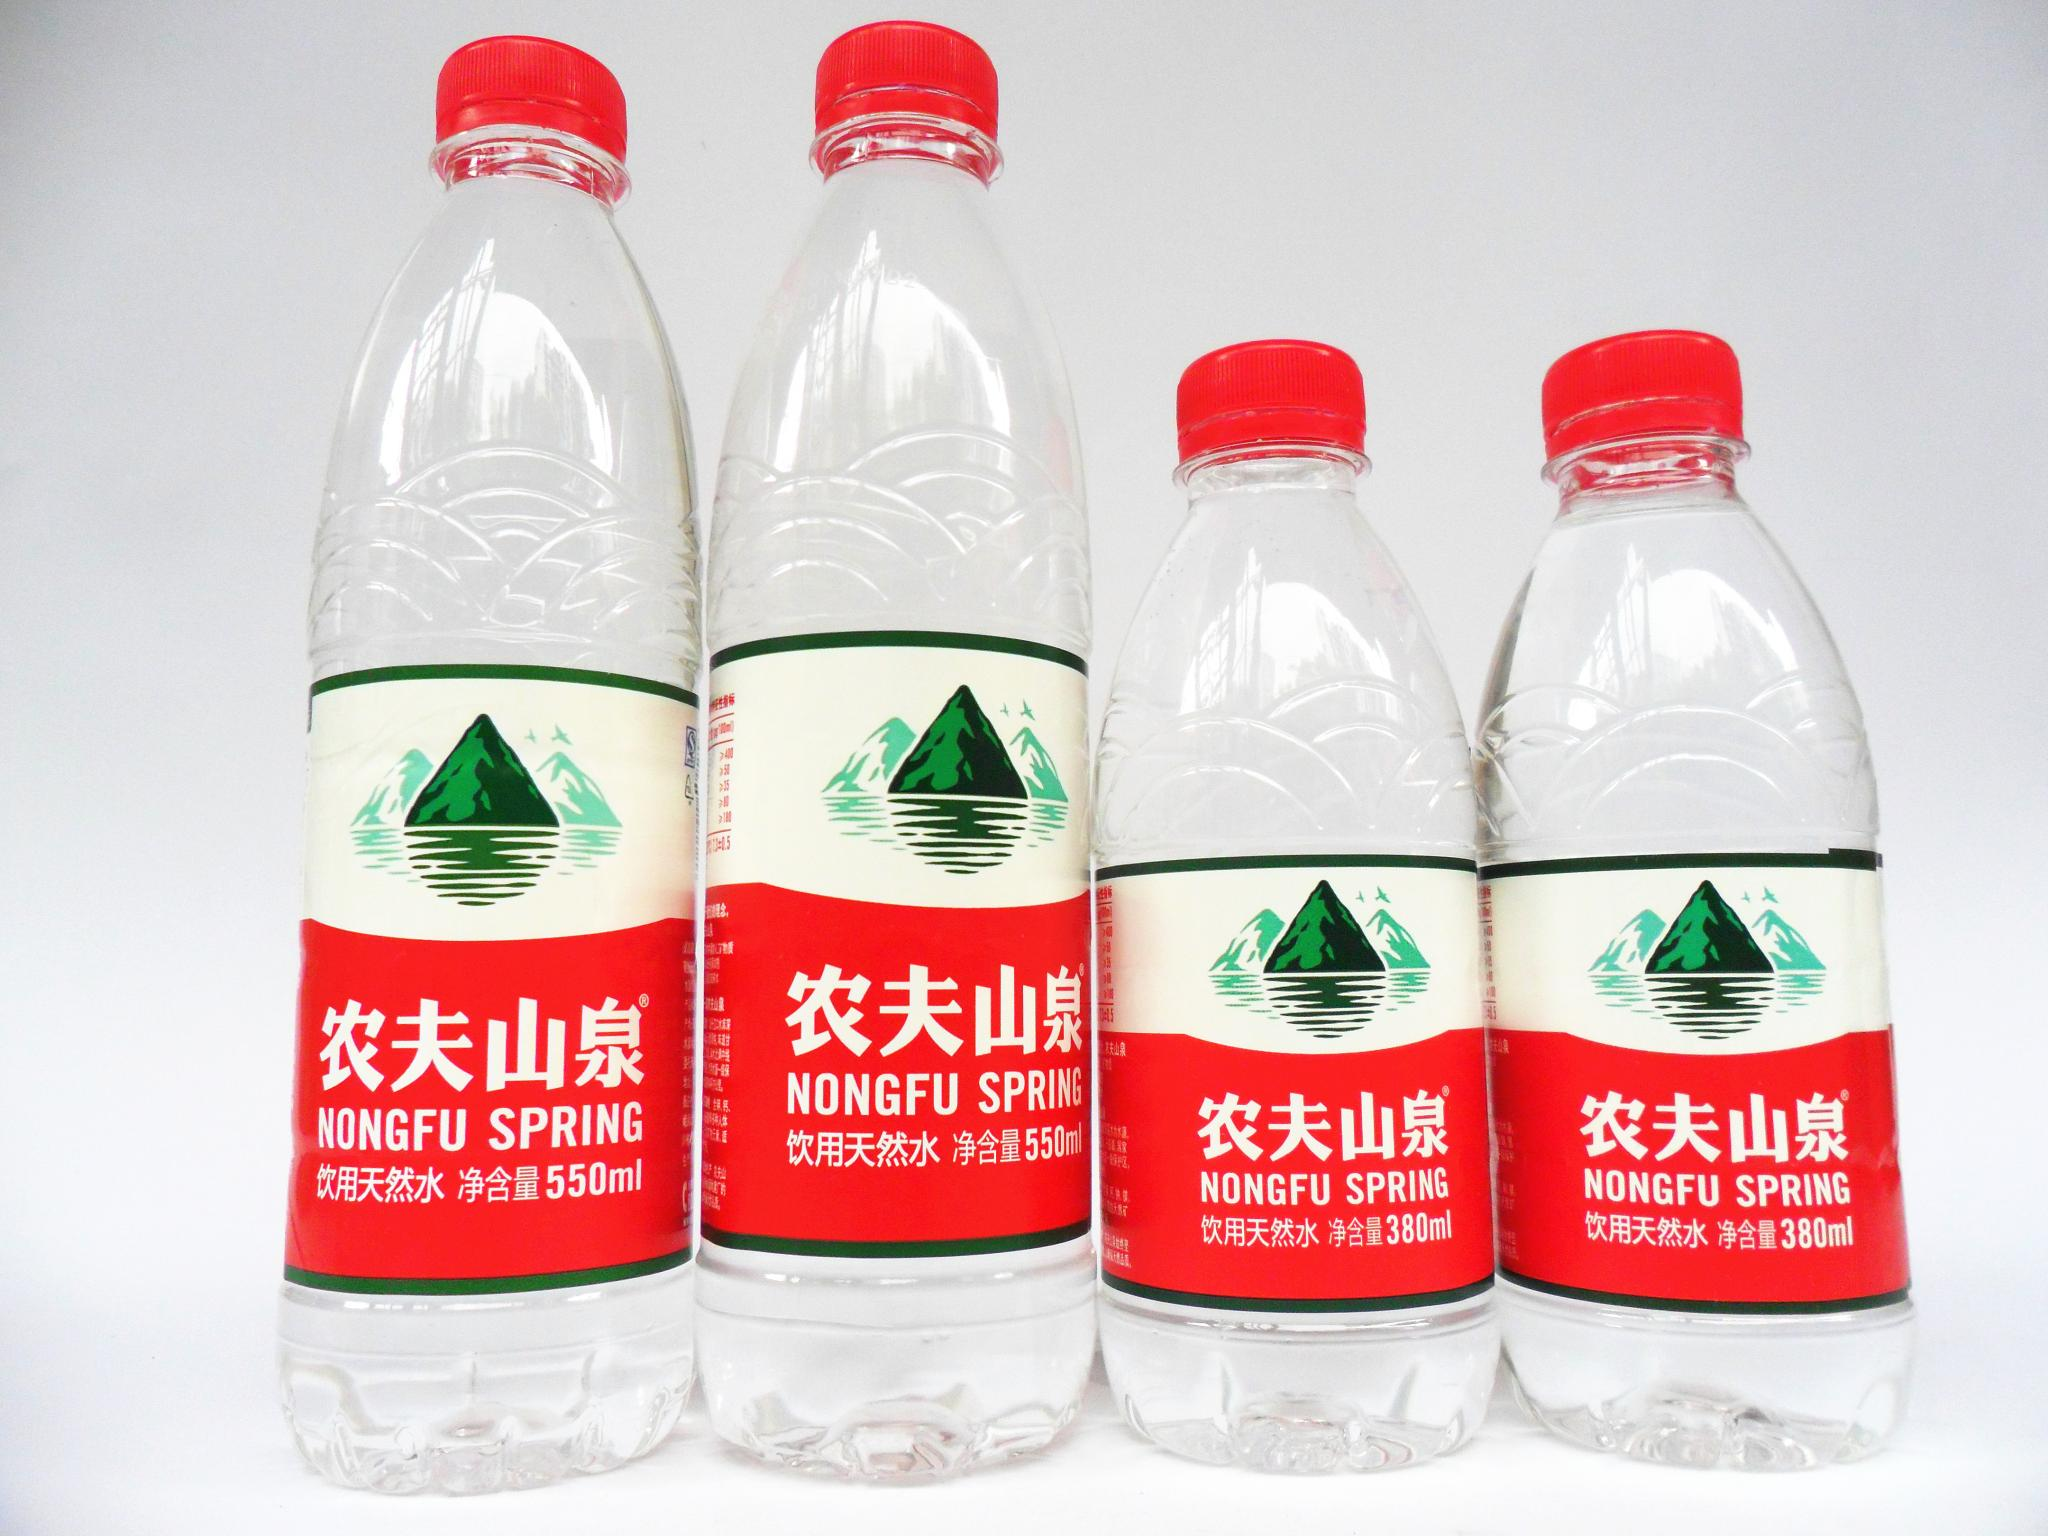 农夫山泉 瓶装(大) - 娃哈哈桶装水直销店